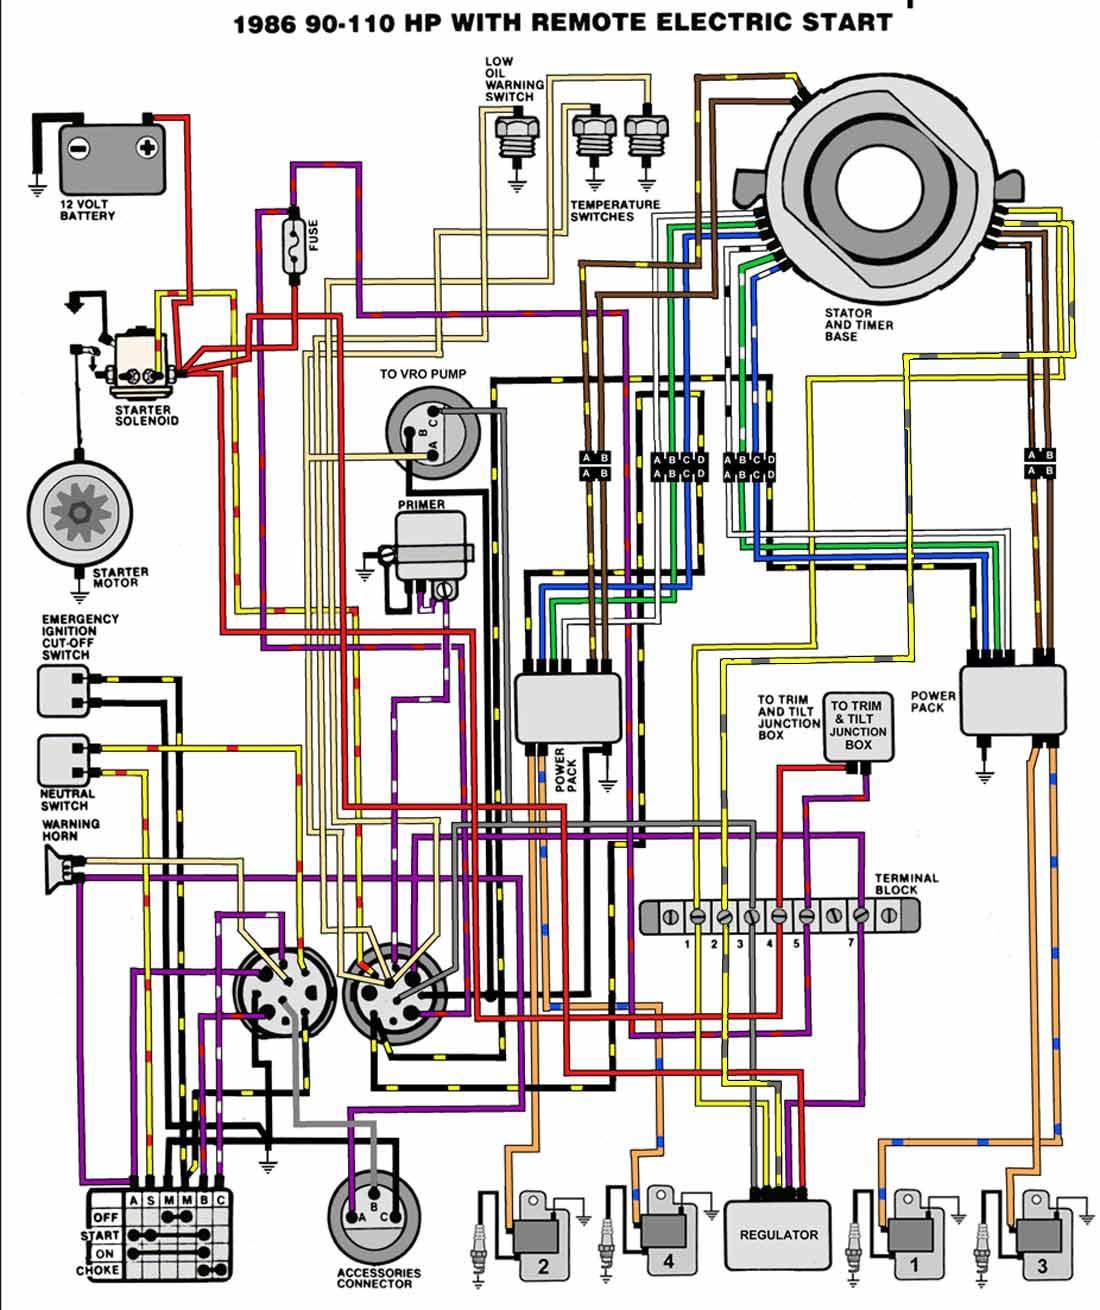 2007 Mercury 90hp 4 Stroke Manual 1966 Mercury Comet Wiring-Diagram Mercury  90hp 4 Stroke Wiring Diagram